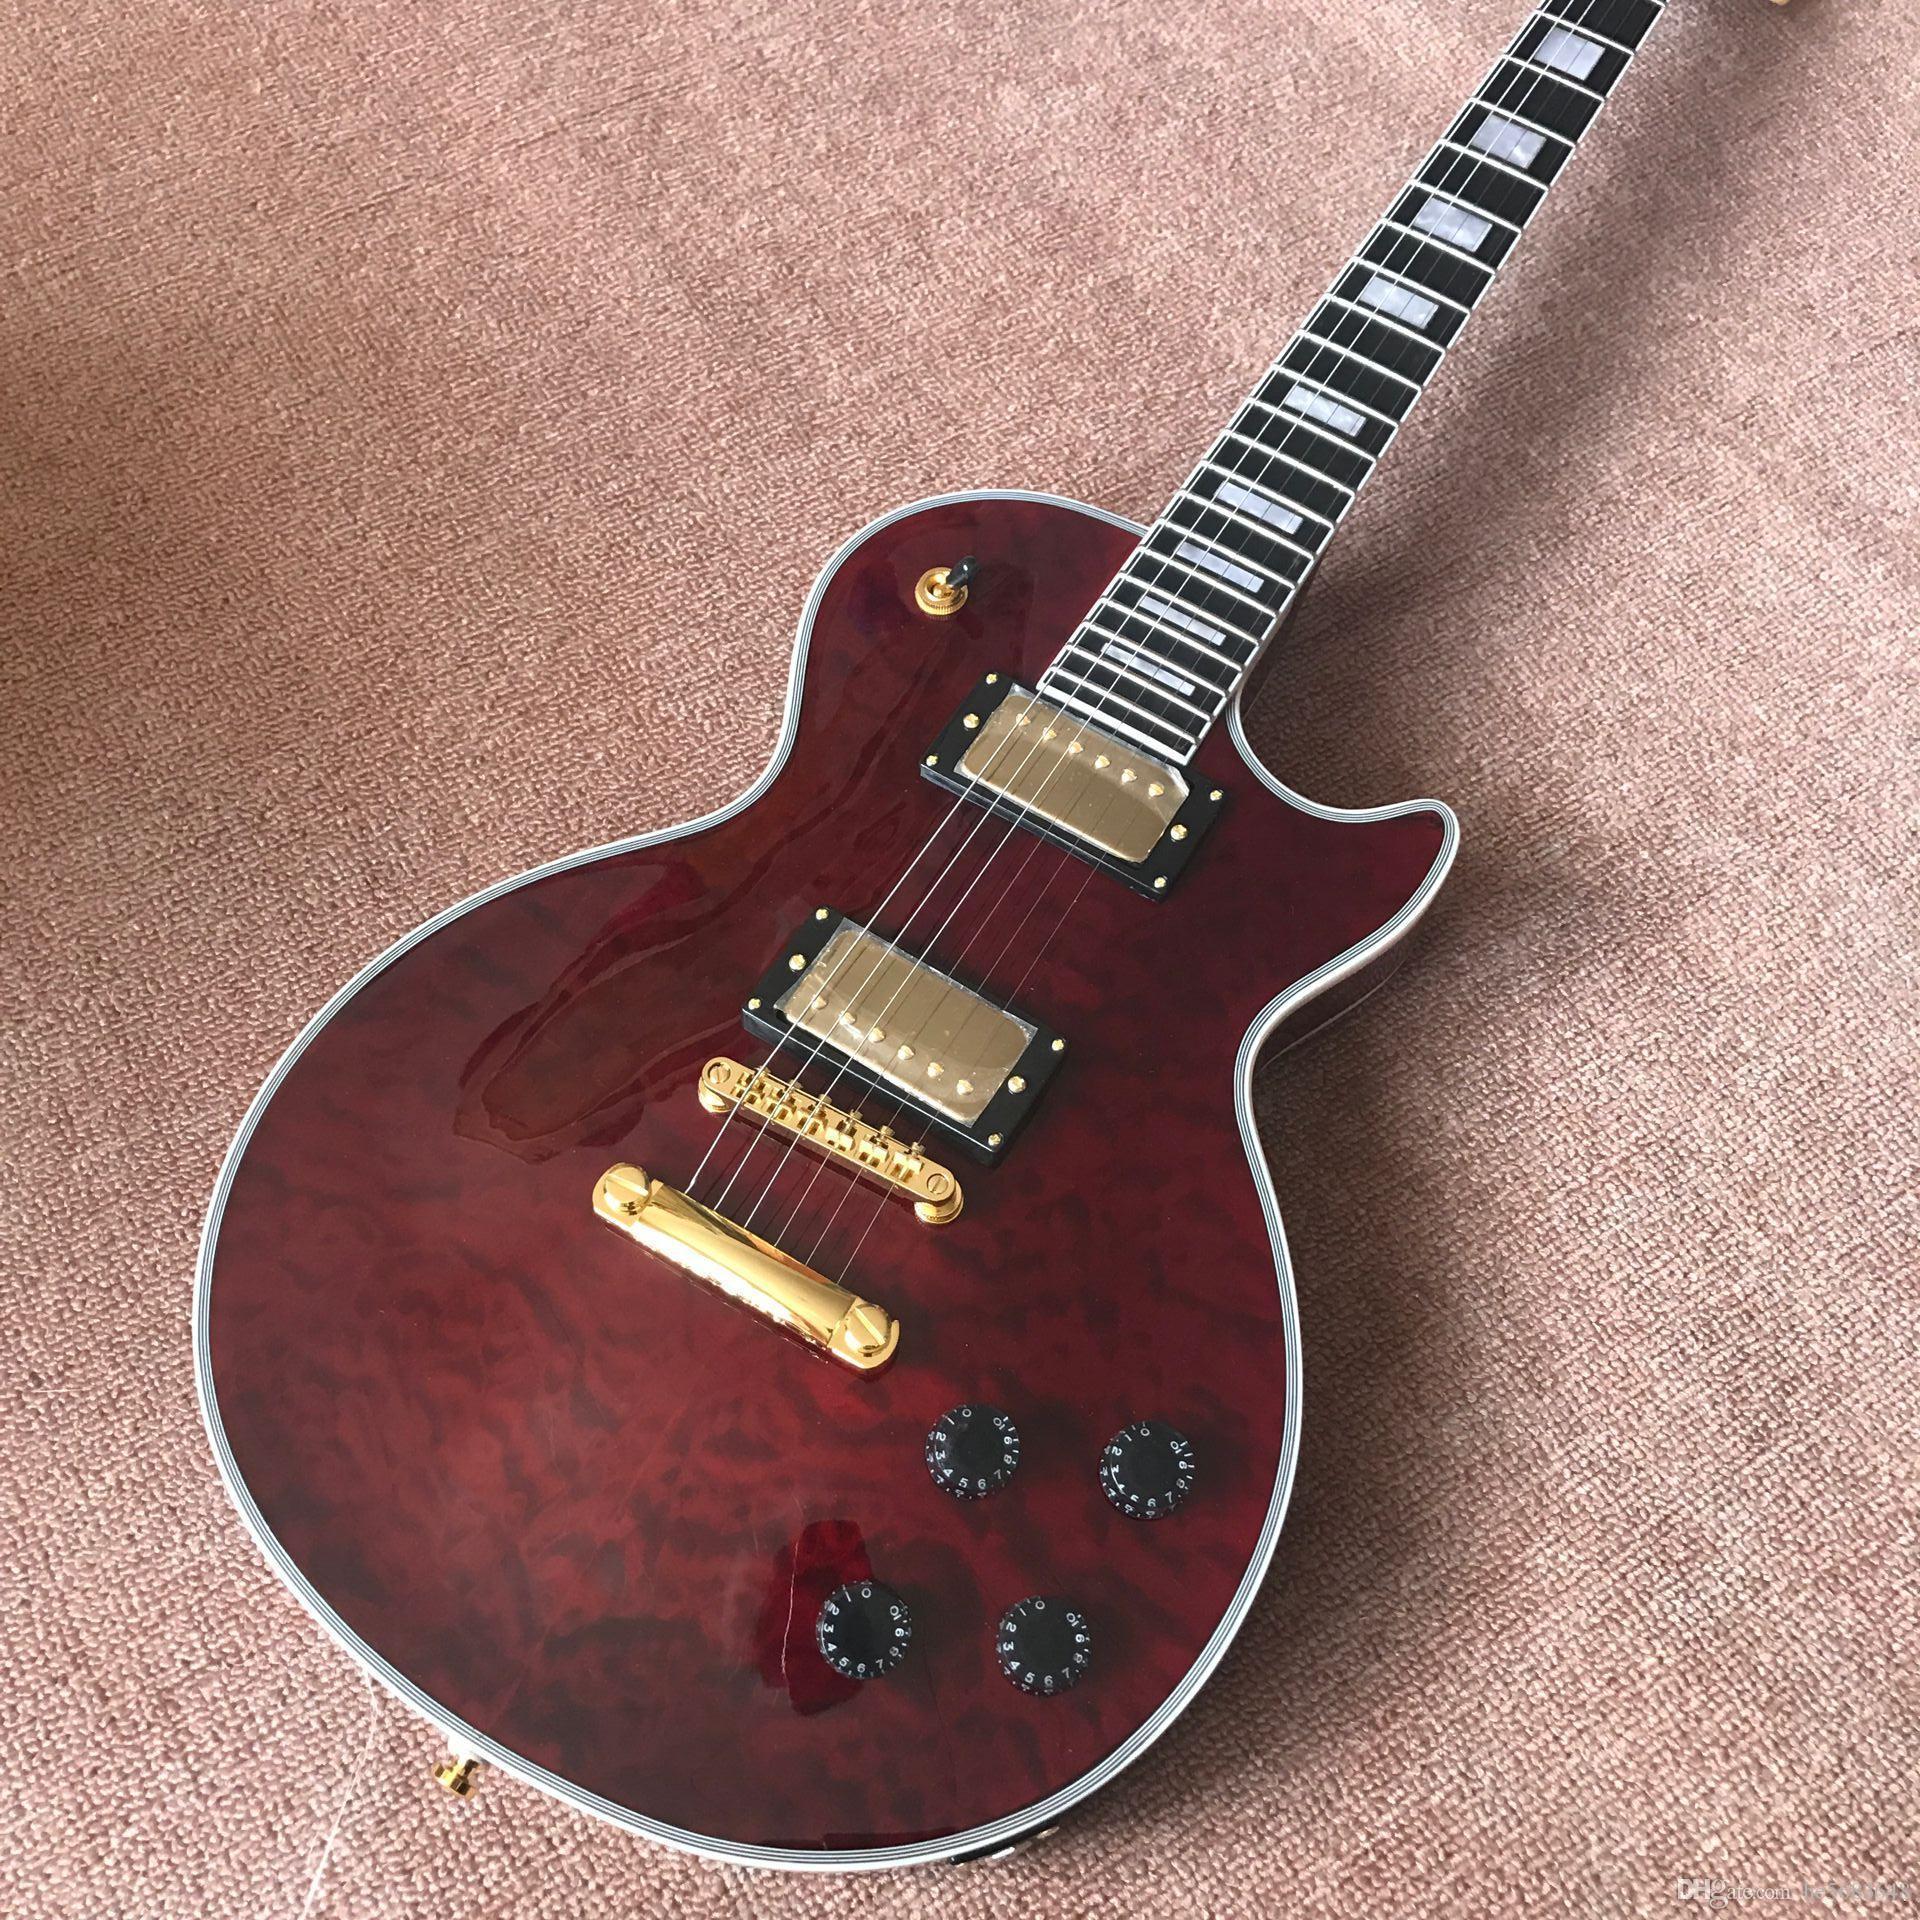 Yeni ürünler kahverengi elektro gitar ve tonpro, abanoz klavye, akçaağaç üst ve arka,